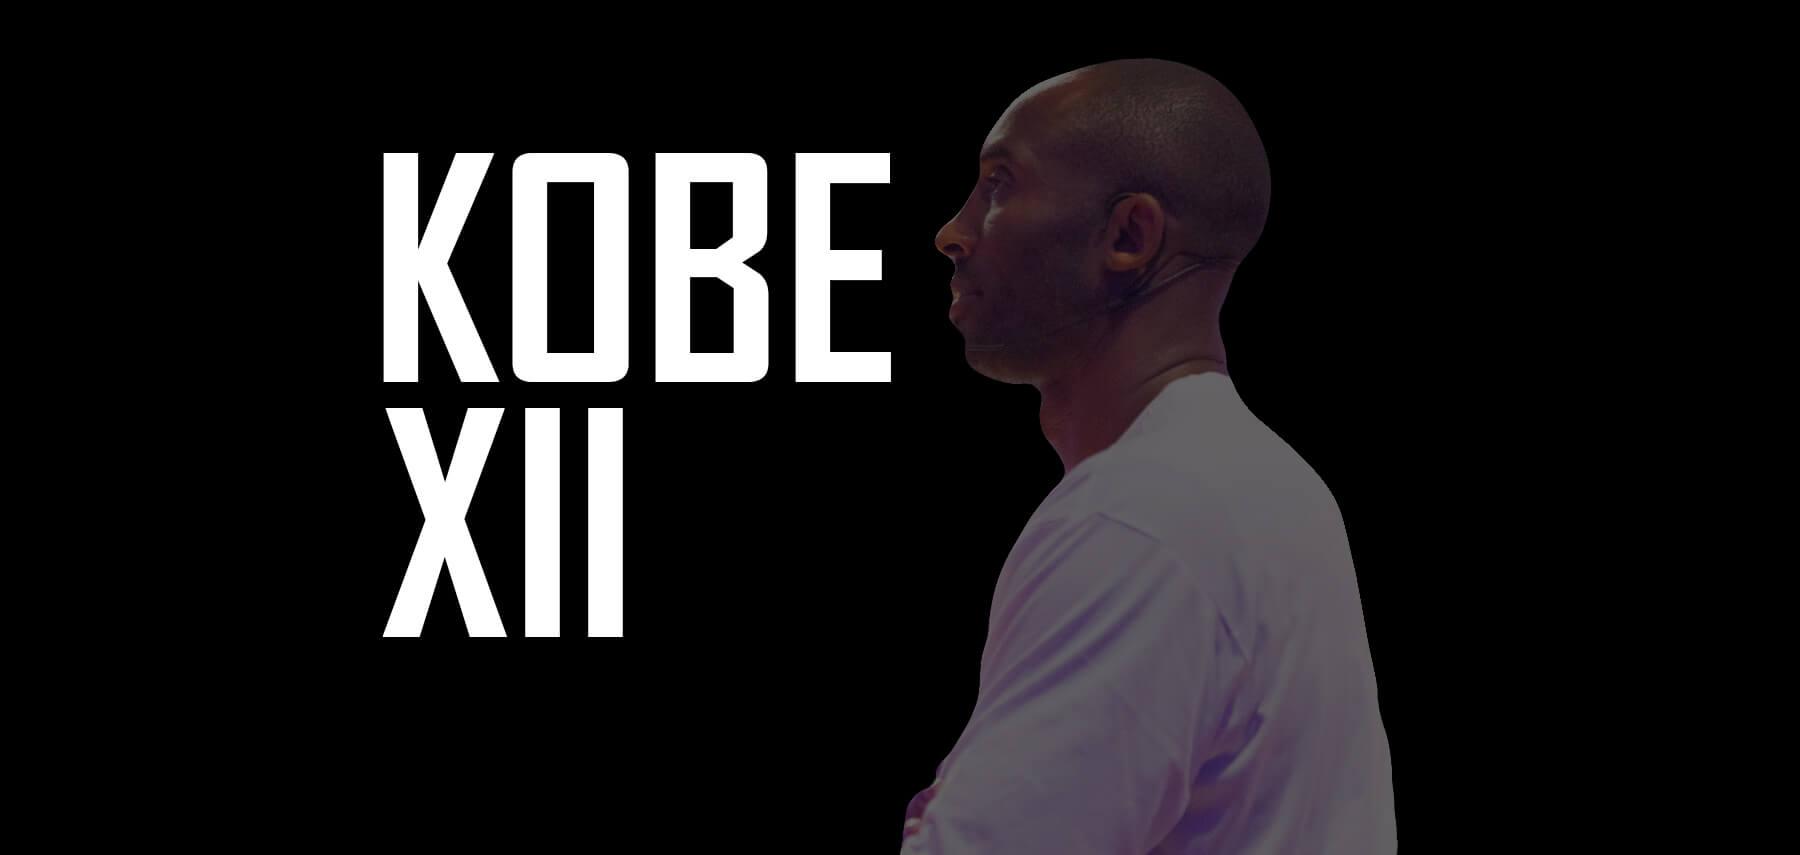 乳沫分享 / Nike Kobe XII 預計發售日期公開